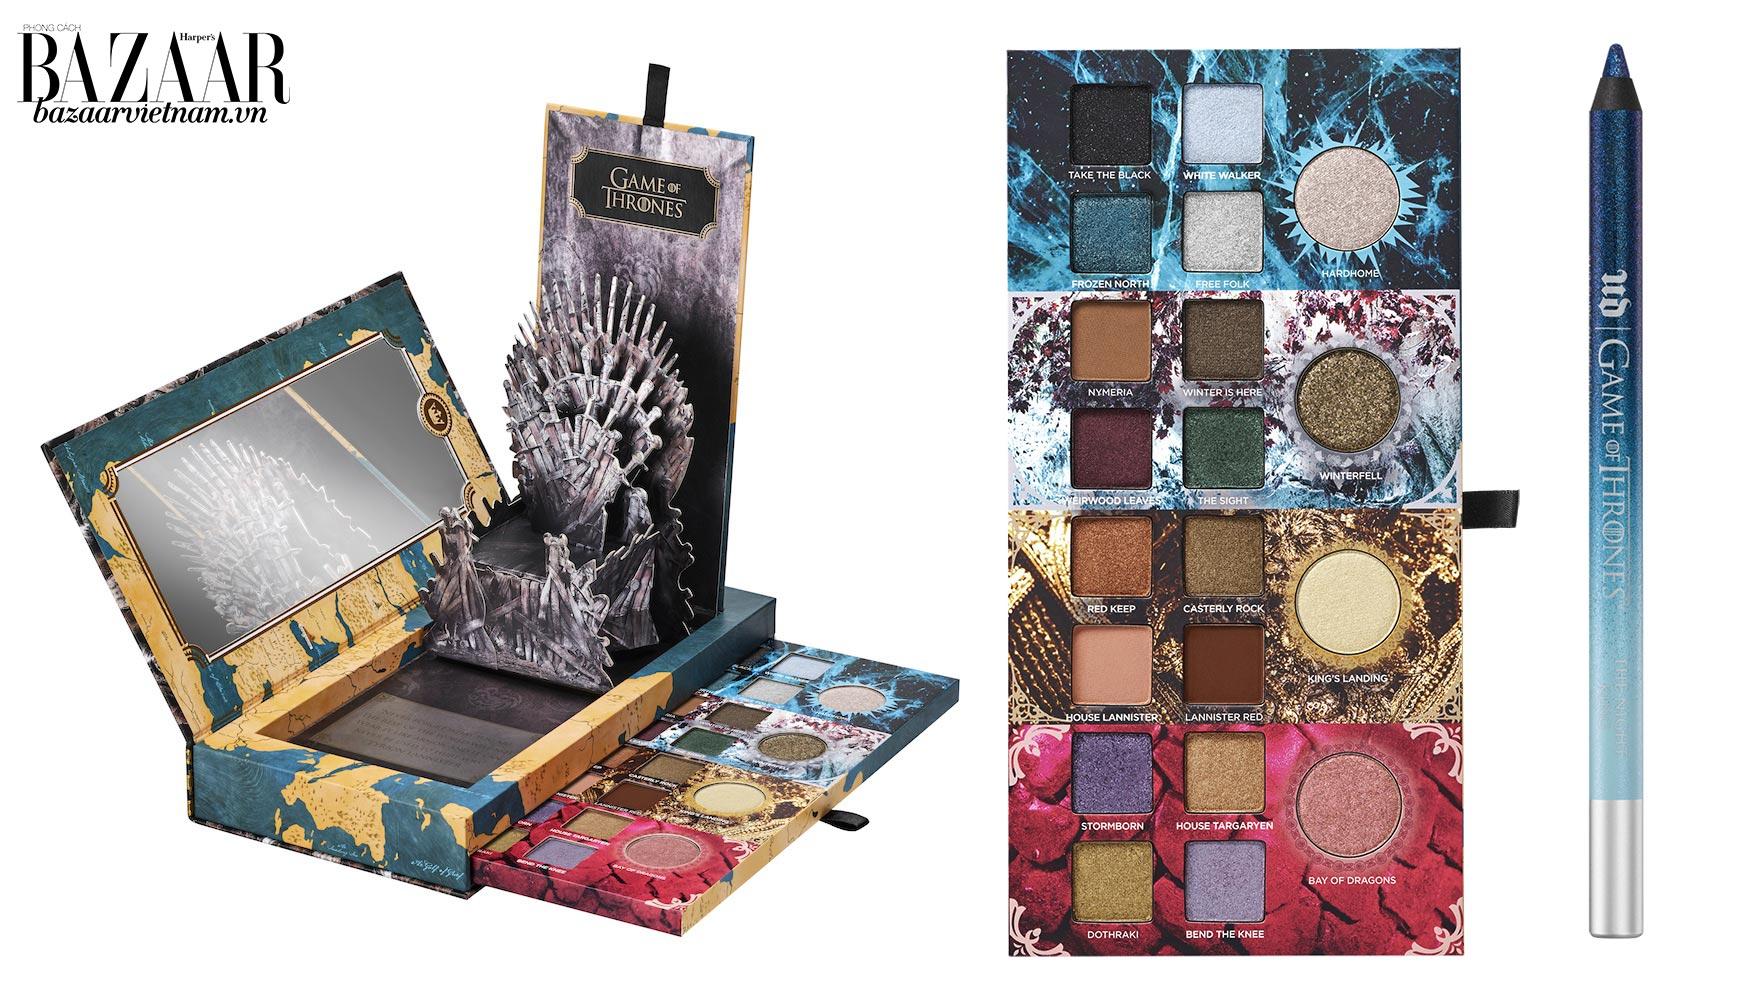 Hộp màu mắt Urban Decay x Game of Thrones với thiết kế Ngôi báu Sắt 3D. Bênh cạnh là chì kẻ mắt The Night King 24/7 Glide-On Eye Pencil.